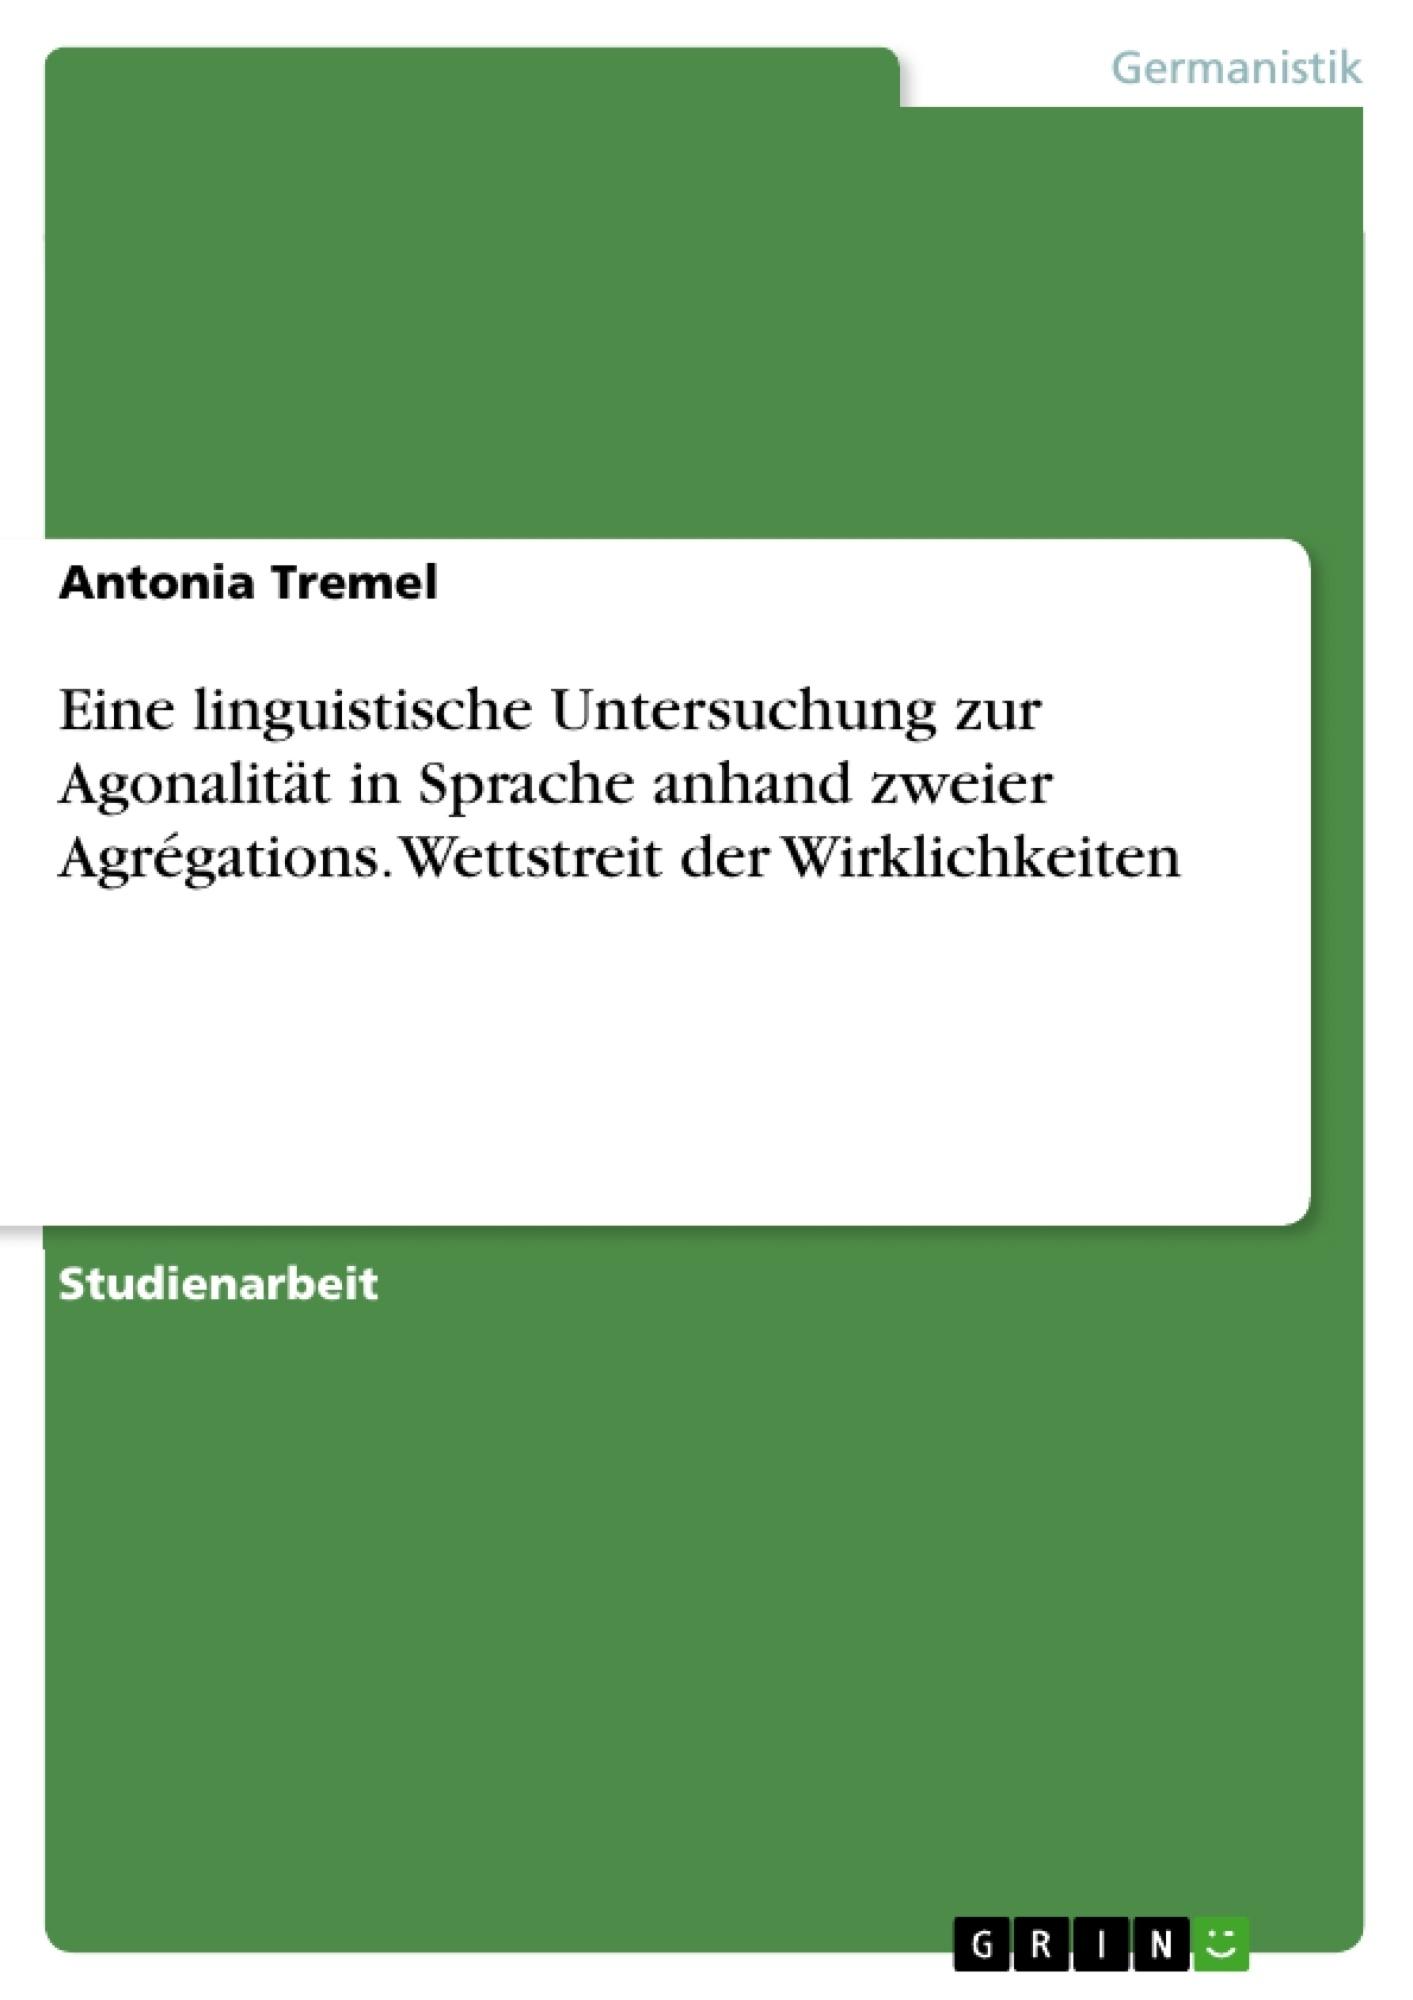 Titel: Eine linguistische Untersuchung zur Agonalität in Sprache anhand zweier Agrégations. Wettstreit der Wirklichkeiten